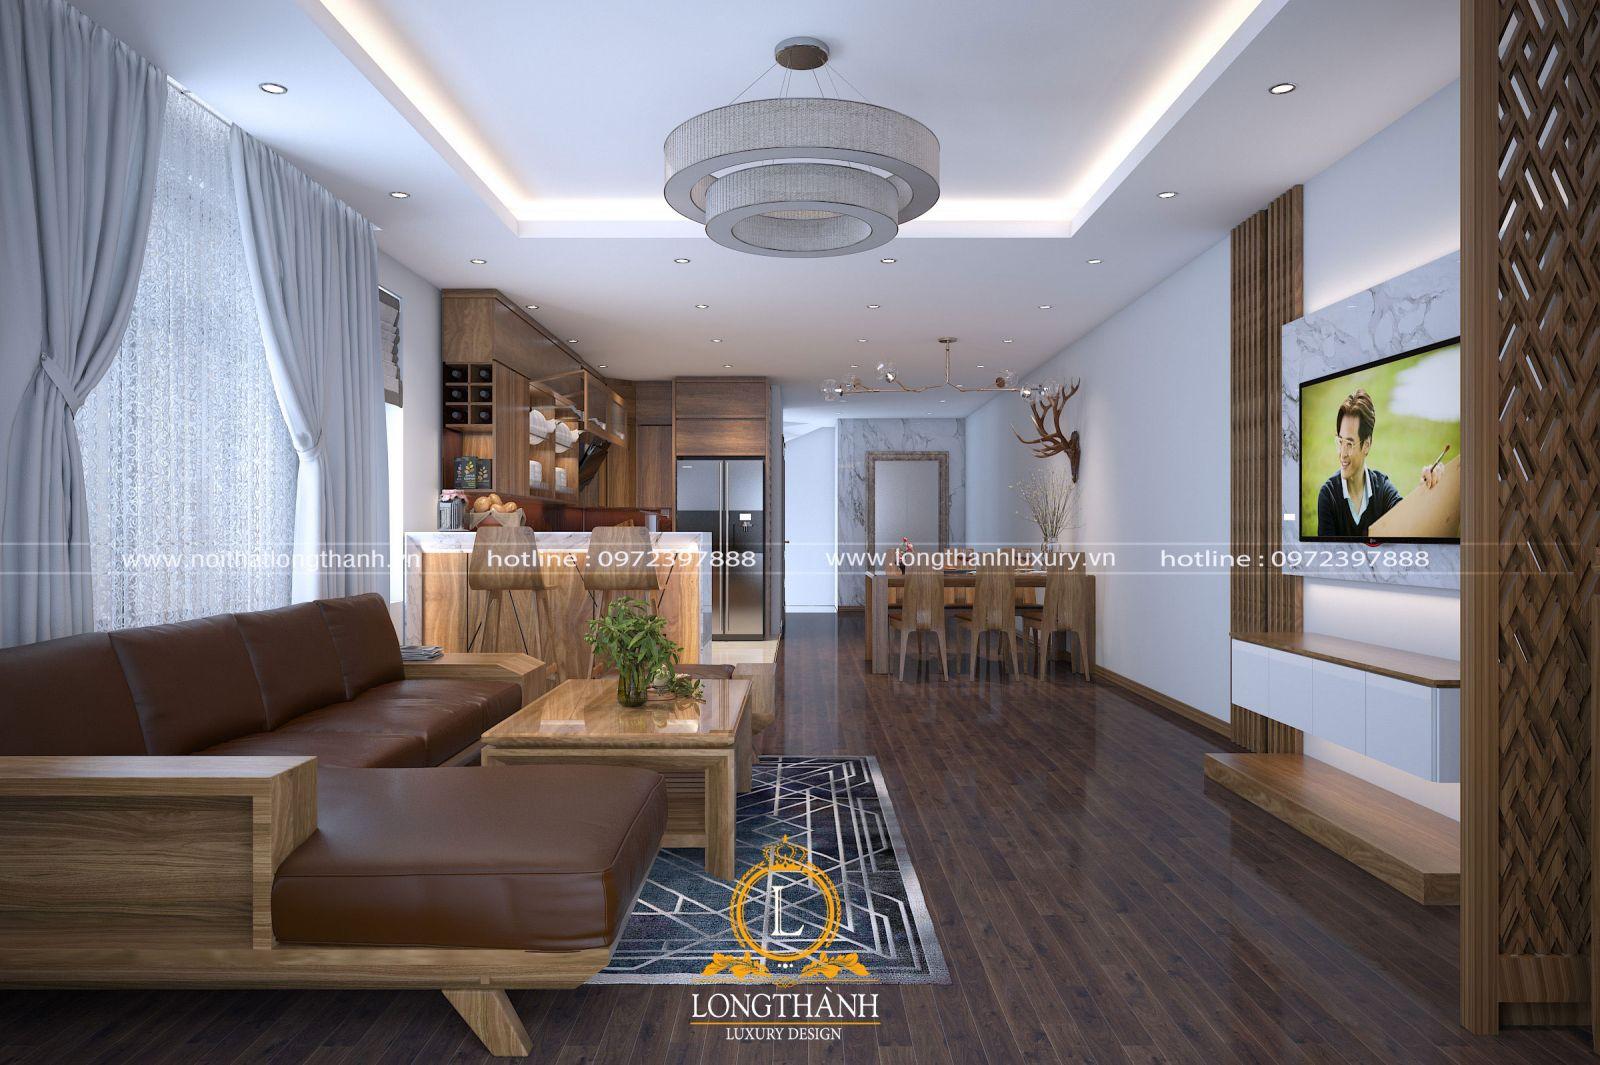 Thiết kế phòng khách hiện đại kết hợp bếp ăn cho nhà chung cư